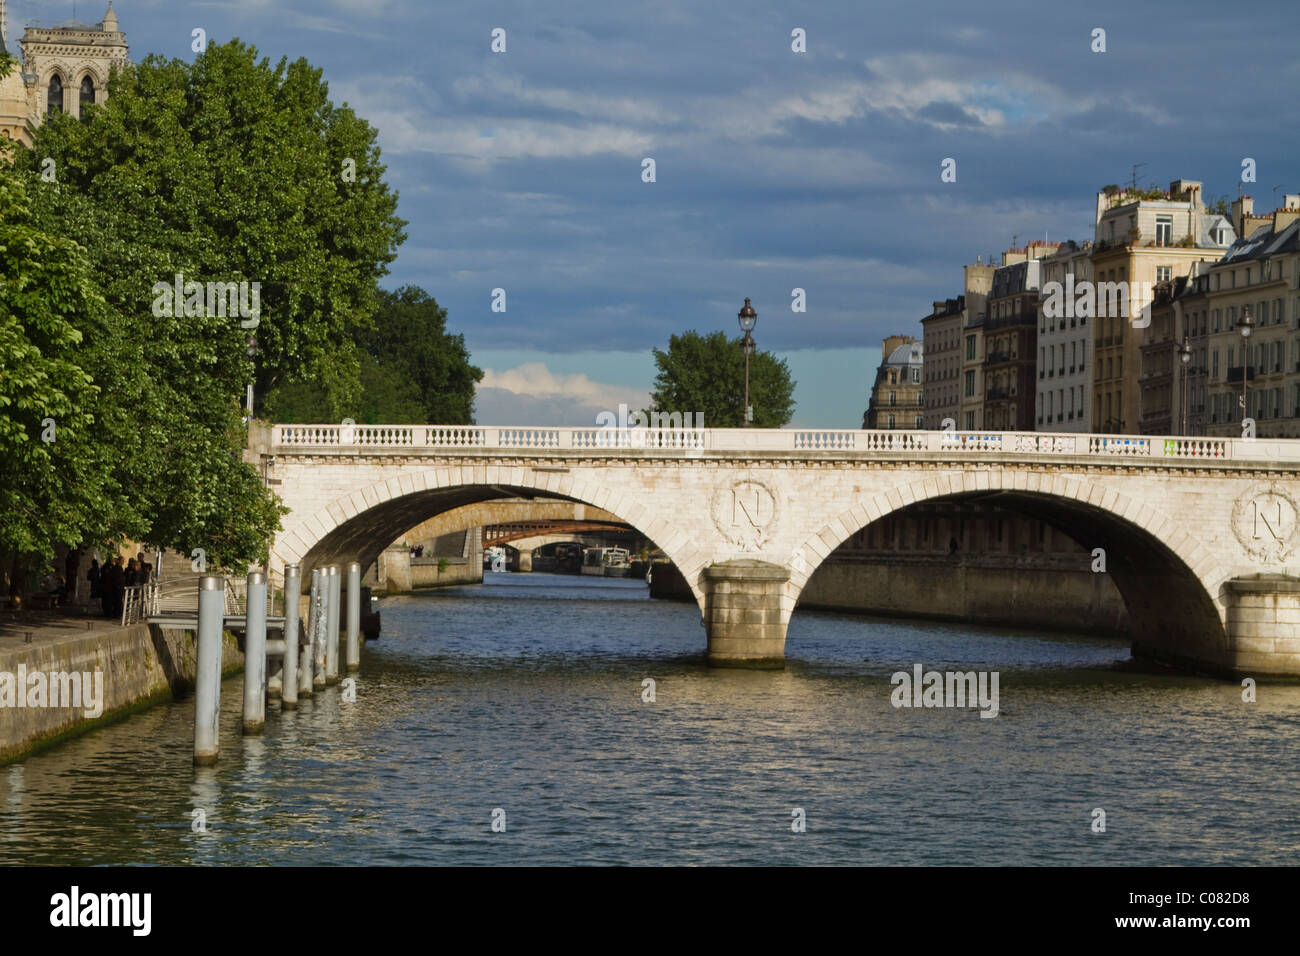 Arch bridge across the river, Pont Au Change, Seine River, Paris, France - Stock Image